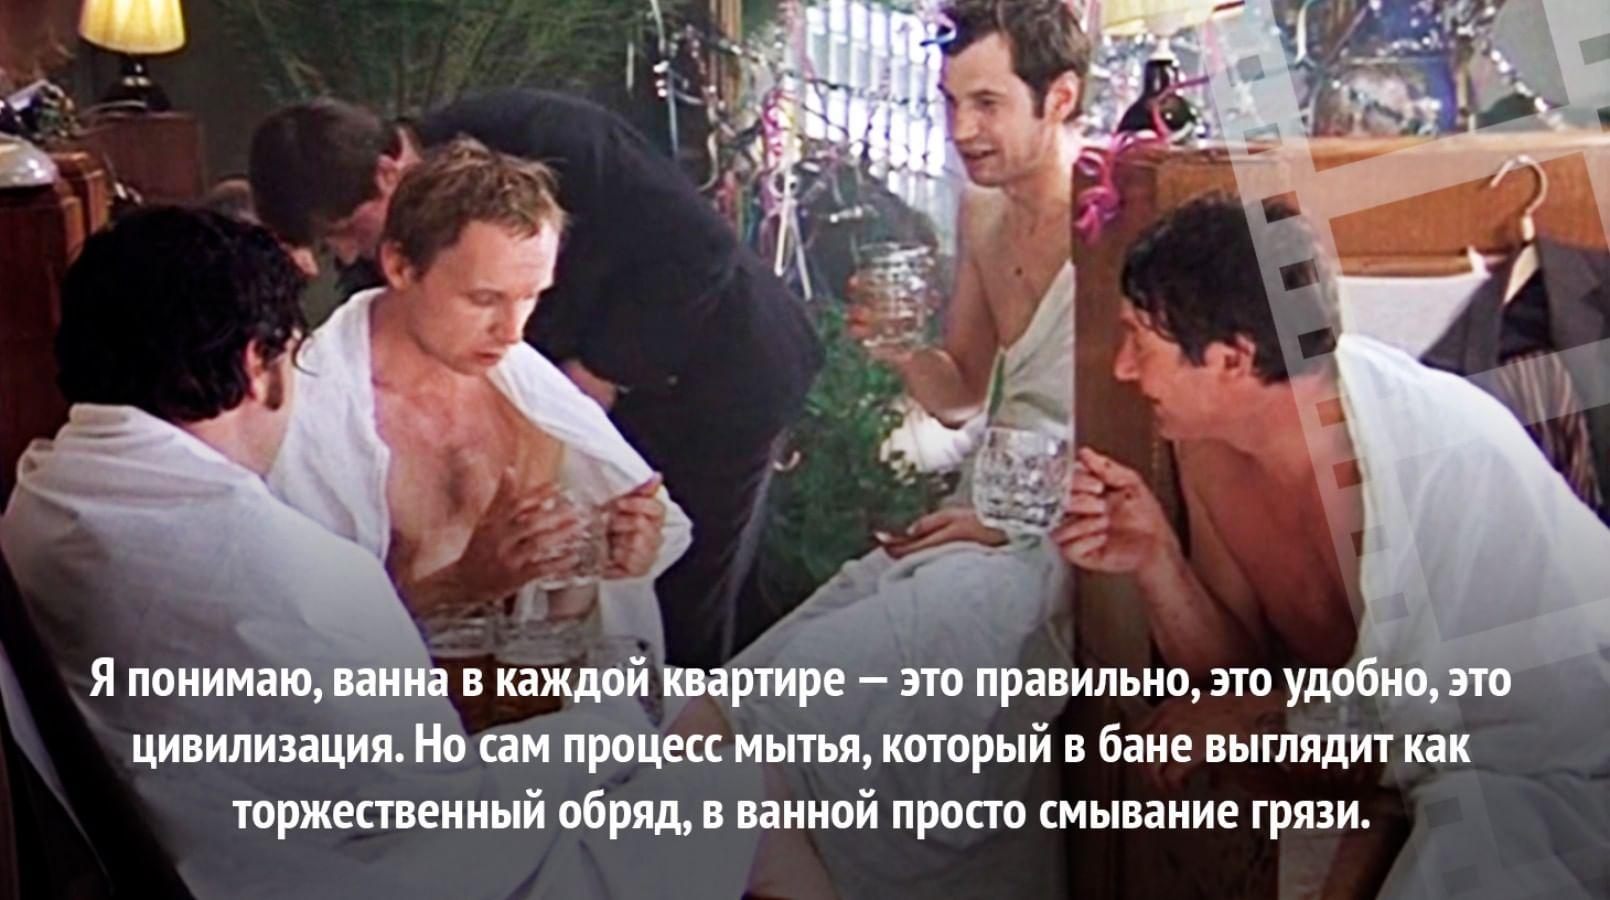 Попасть в баню, как герой Андрея Мягкова в фильме «Ирония судьбы, или С легким паром!».